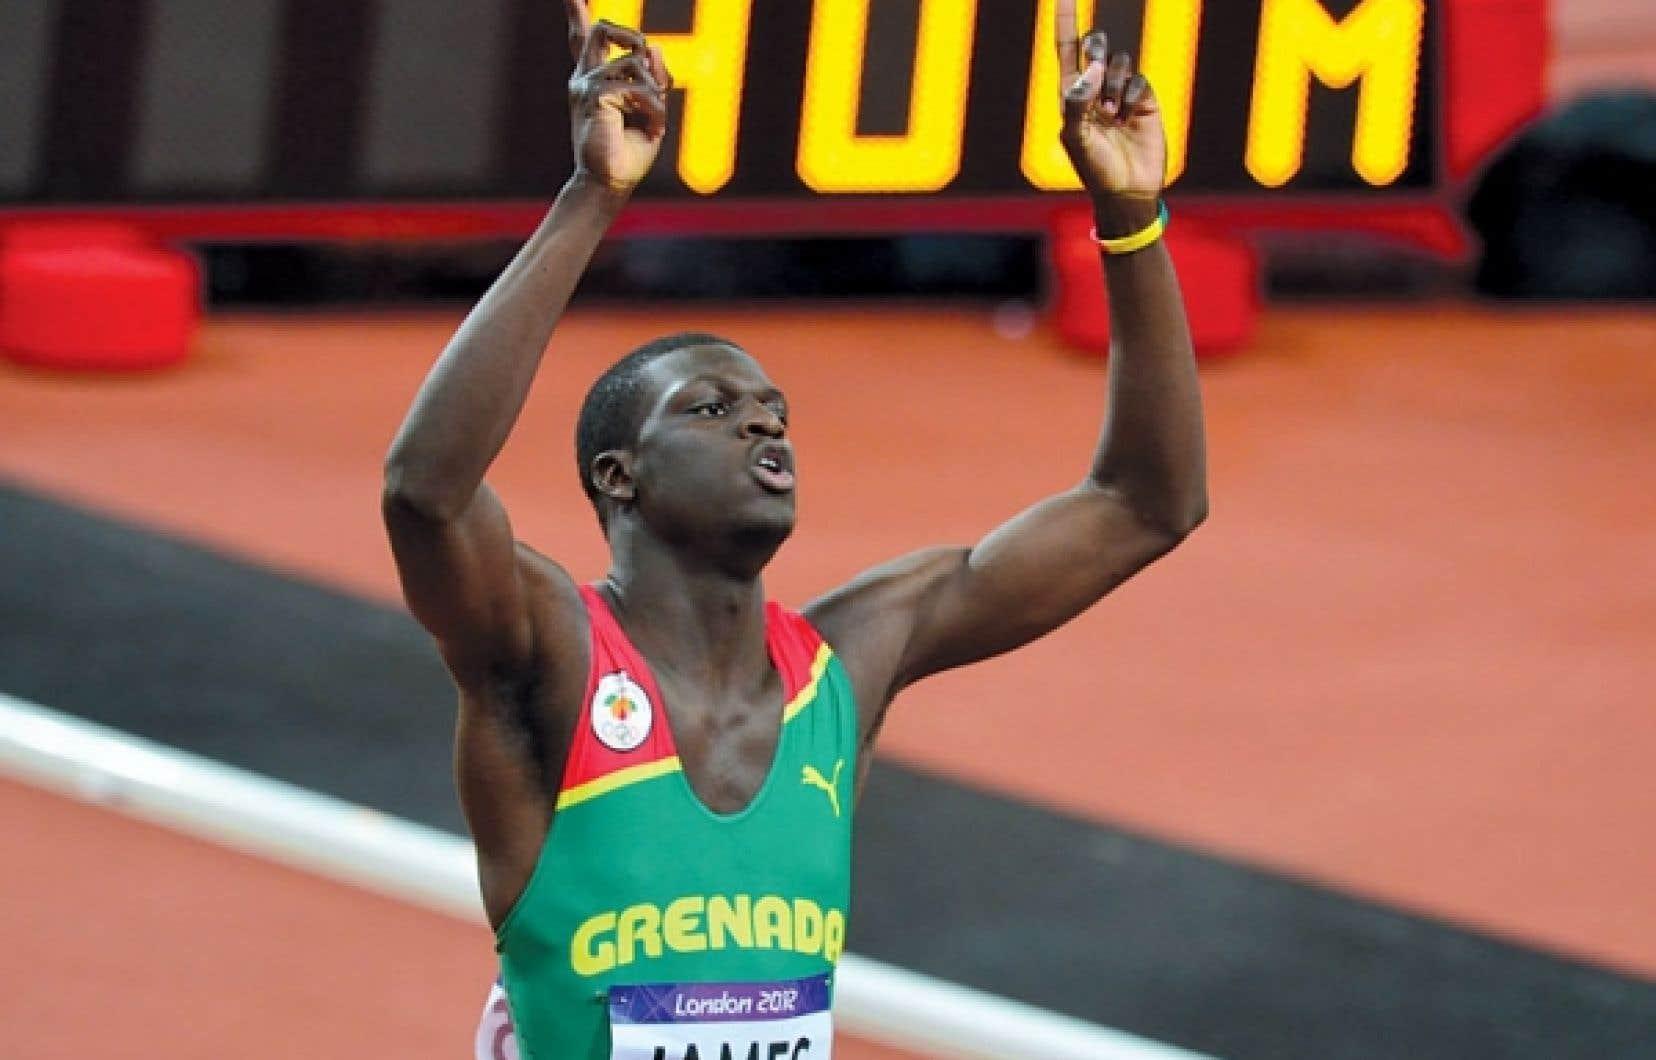 <div> Le Grenadien Kirani James a négocié la distance de 400 m en 43,94 s, devançant Luguelin Santos (44,46), de la République dominicaine, et Lalonde Gordon (44,52), de Trinité-et-Tobago.</div>